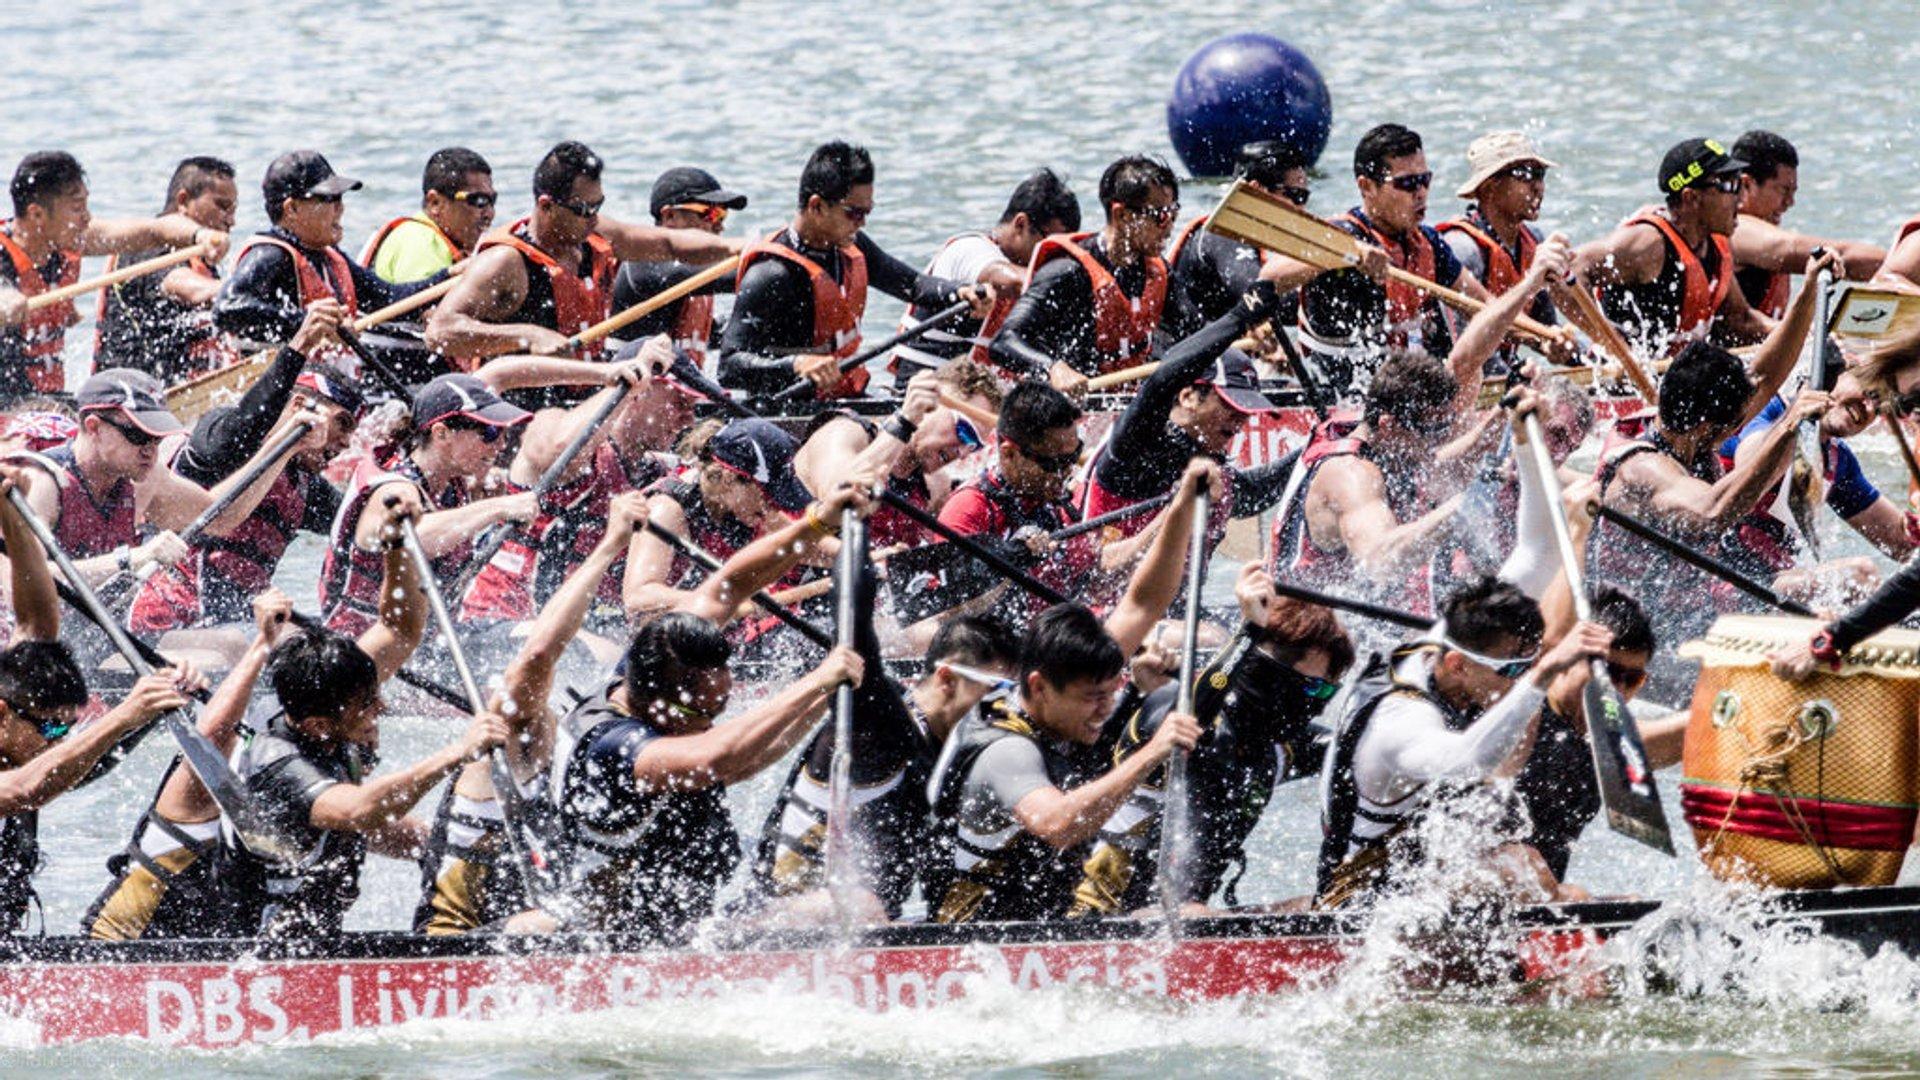 Dragon Boat Festival at Marina Bay 2019